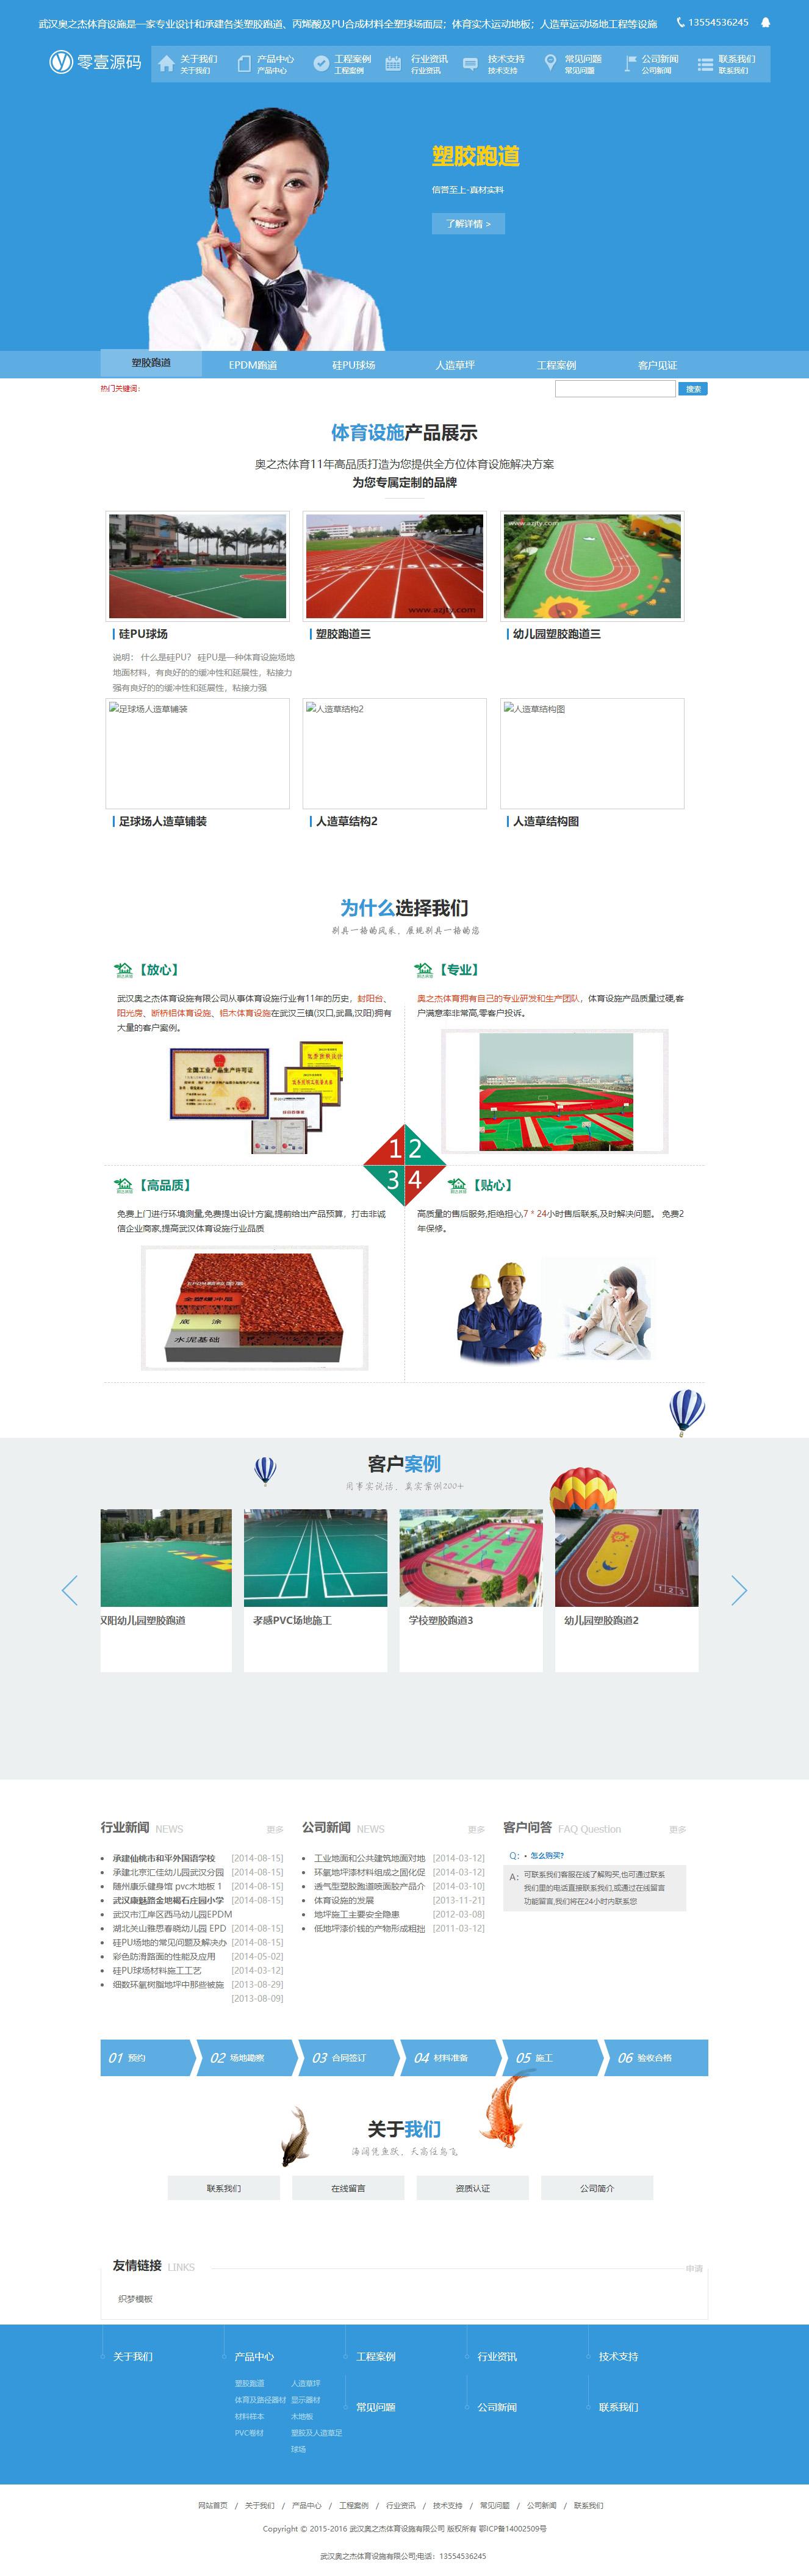 体育设施用品类网站织梦dedecms模板